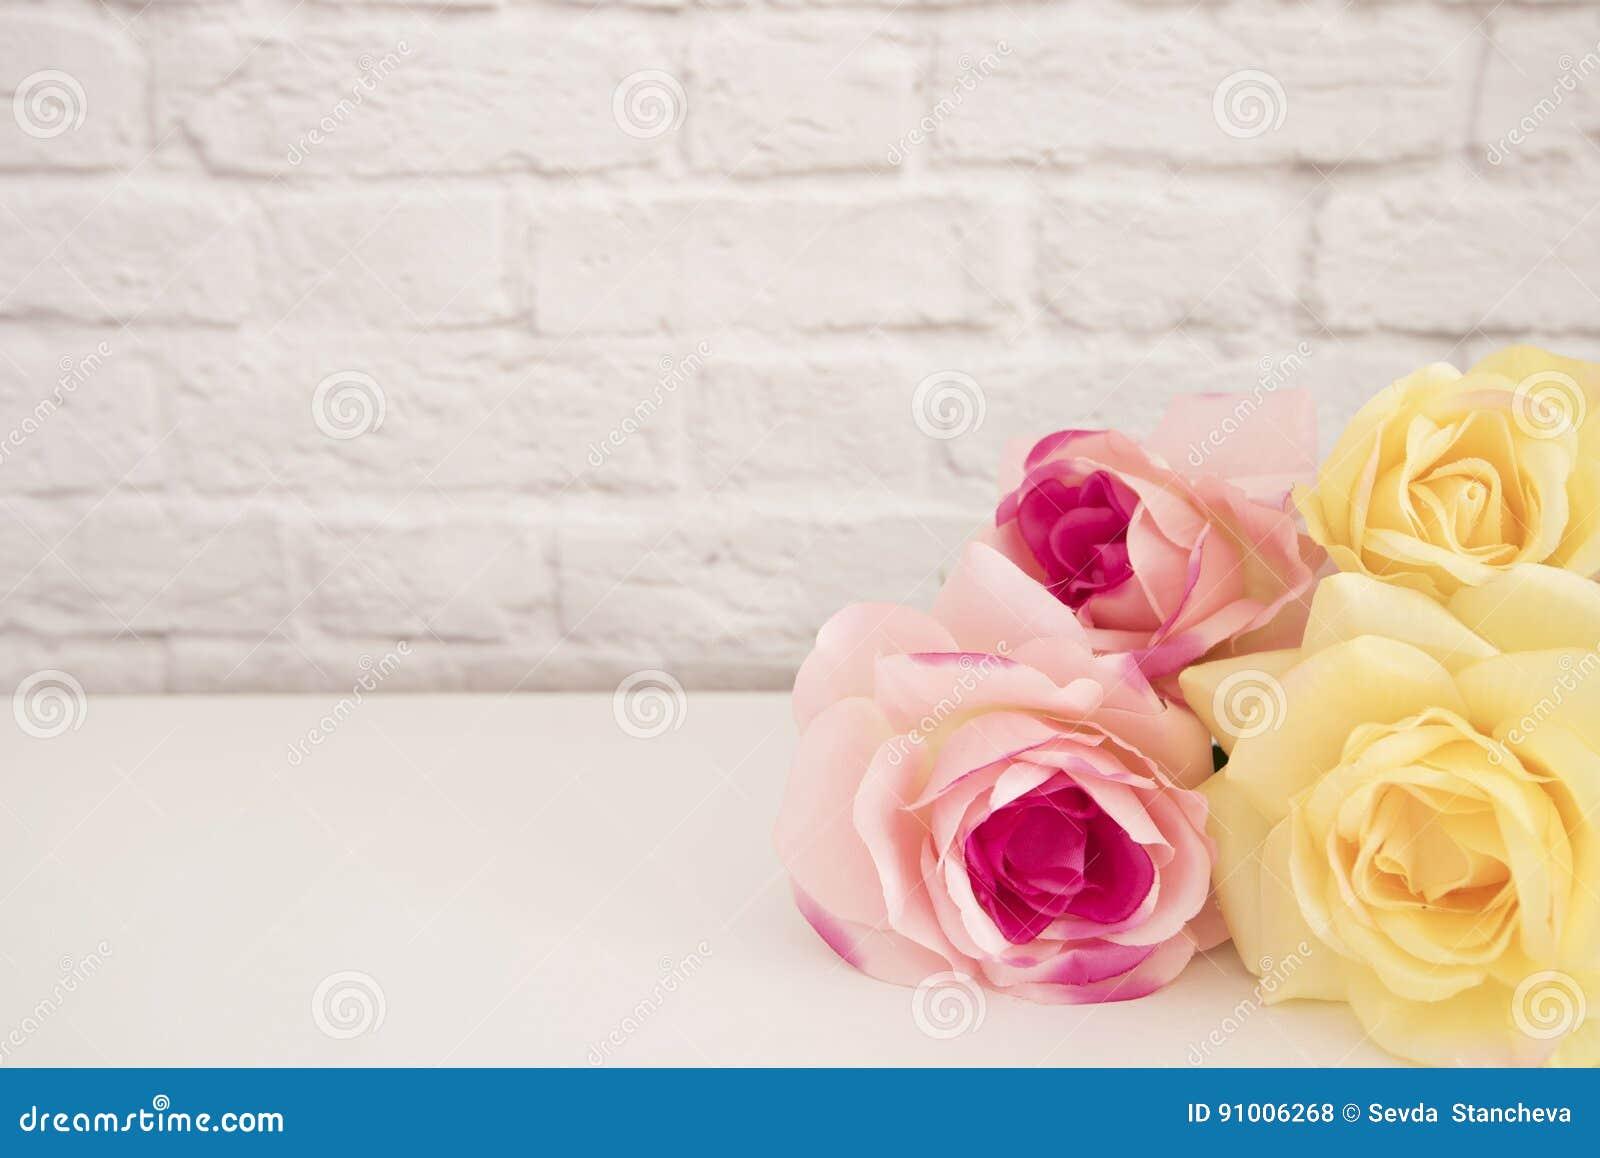 Rose Mock Up cor-de-rosa Fotografia conservada em estoque denominada Quadro floral, zombaria denominada da parede acima Rose Flow